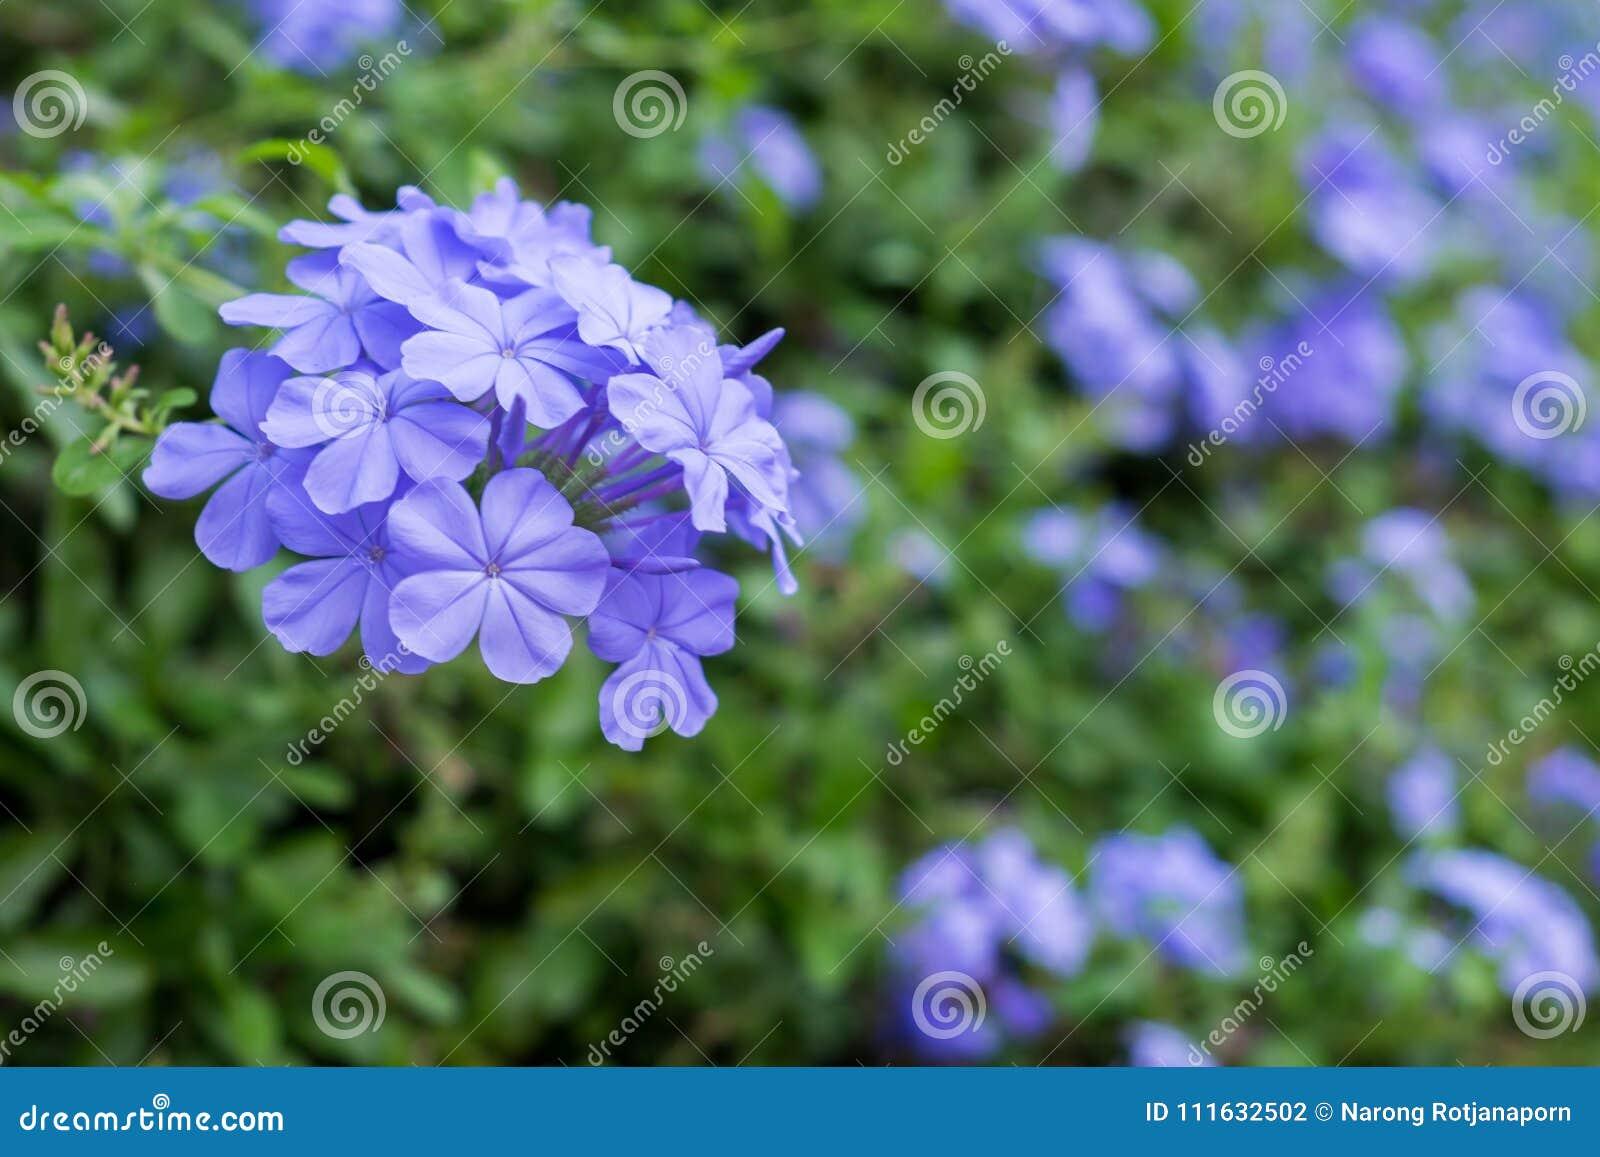 Amazing Beautiful Flowers Background Stock Photo Image Of Hello